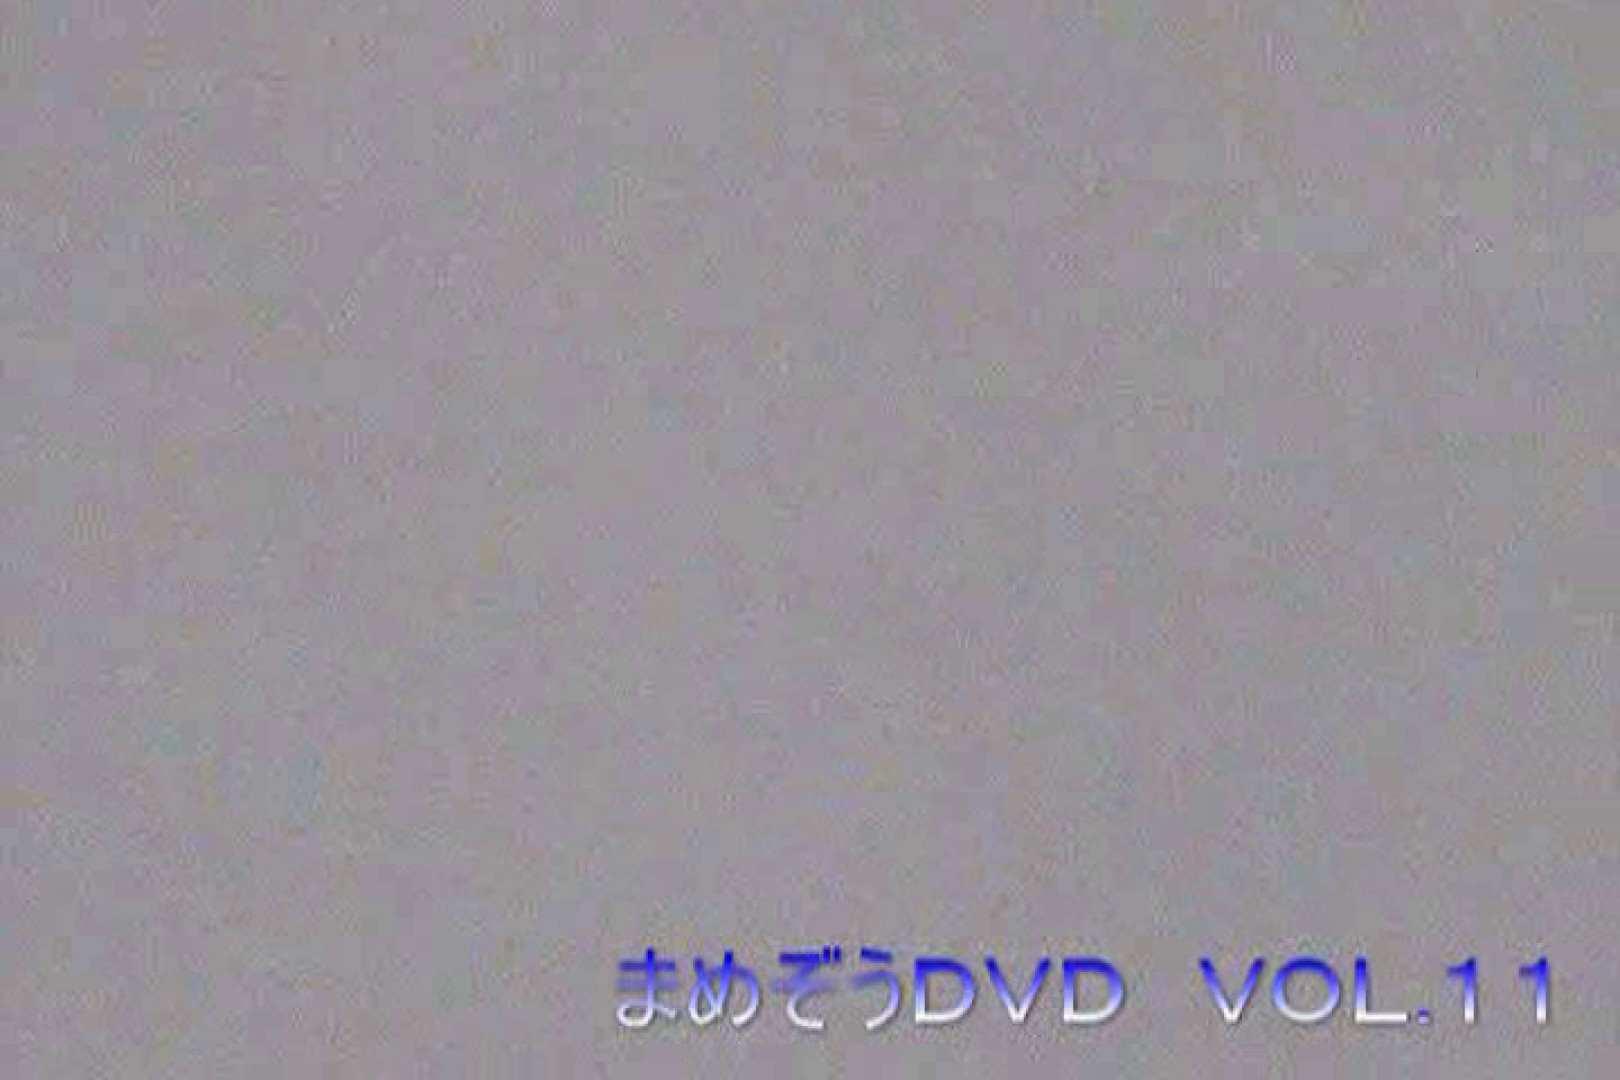 まめぞうDVD完全版VOL.11 ギャル  74PIX 21